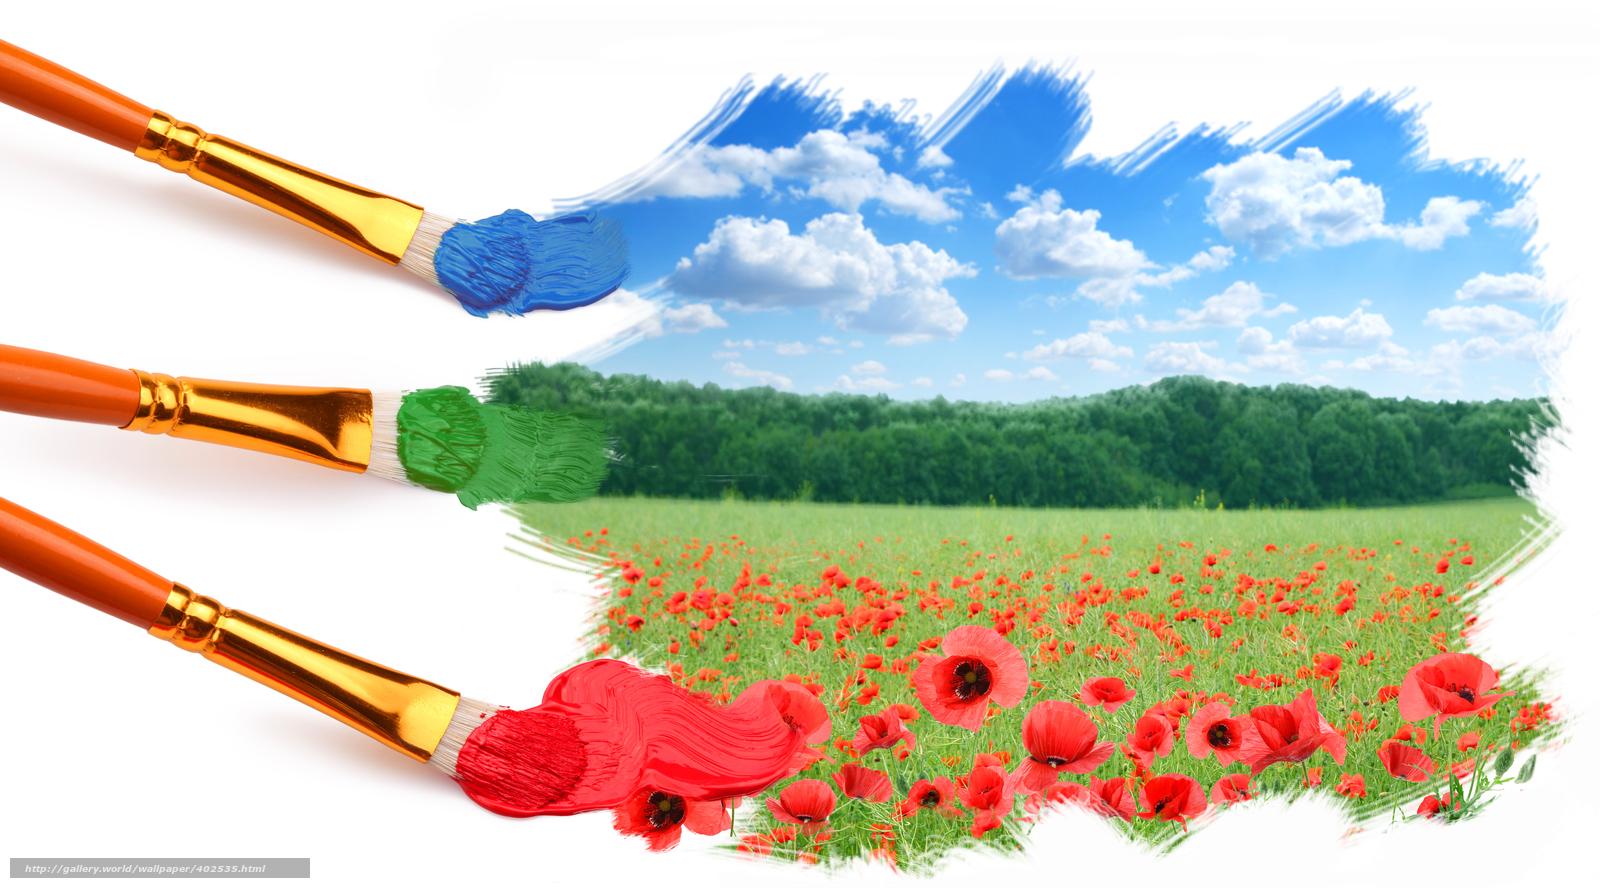 Скачать обои кисти краски небо трава